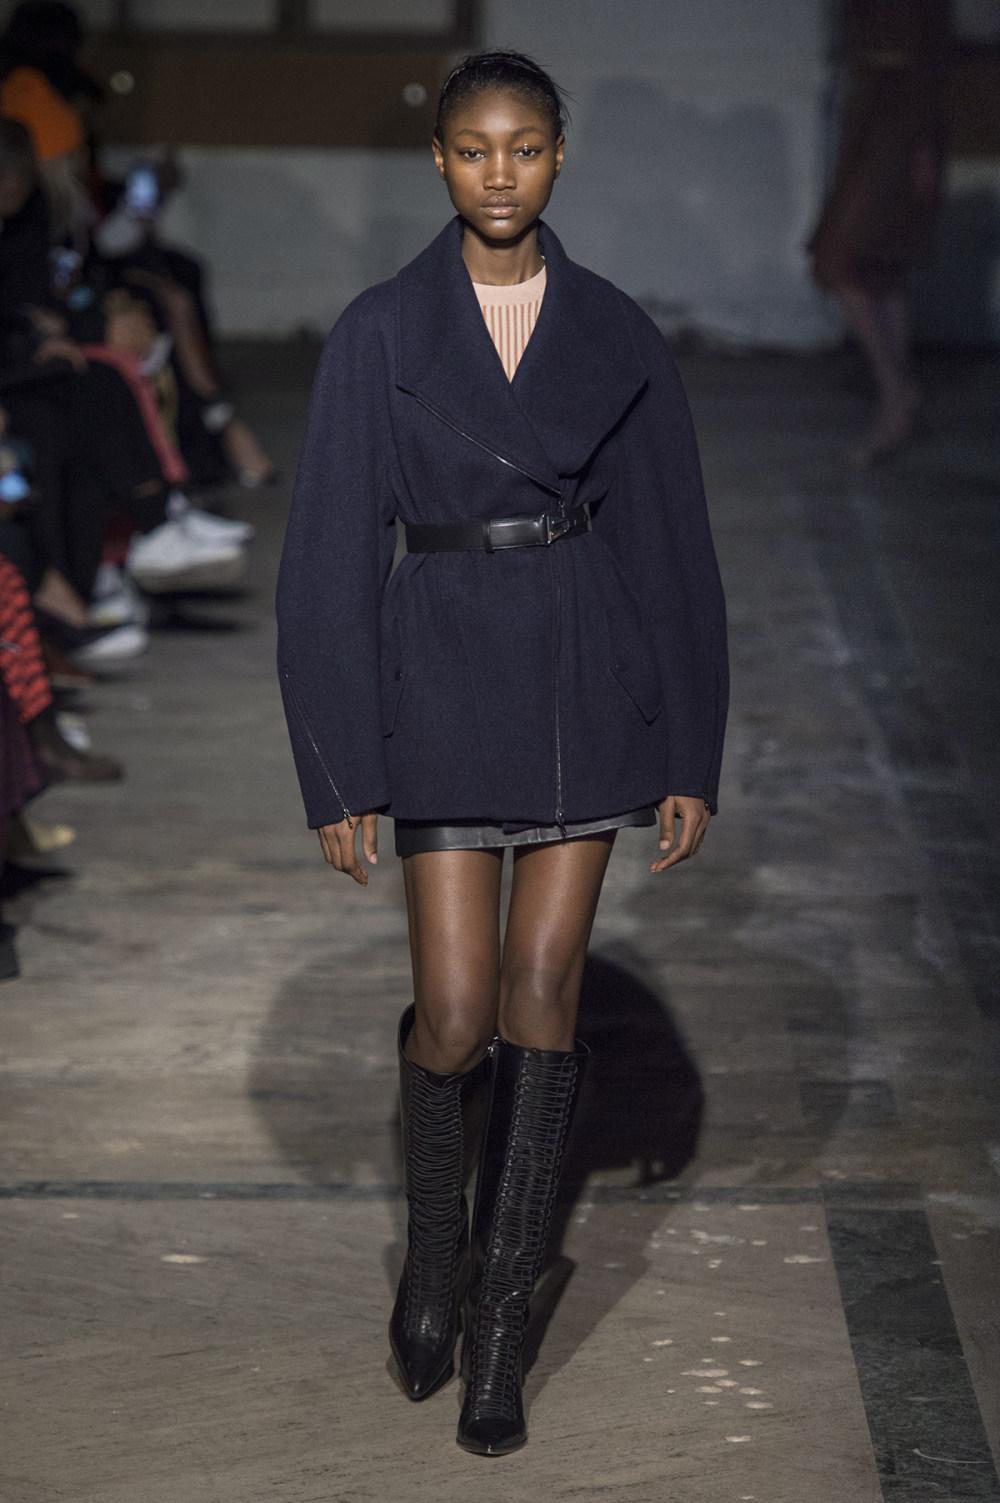 Dion Lee没有紧身衣的连衣裙被聚集或扭曲保持调色板的简约和奢华-19.jpg